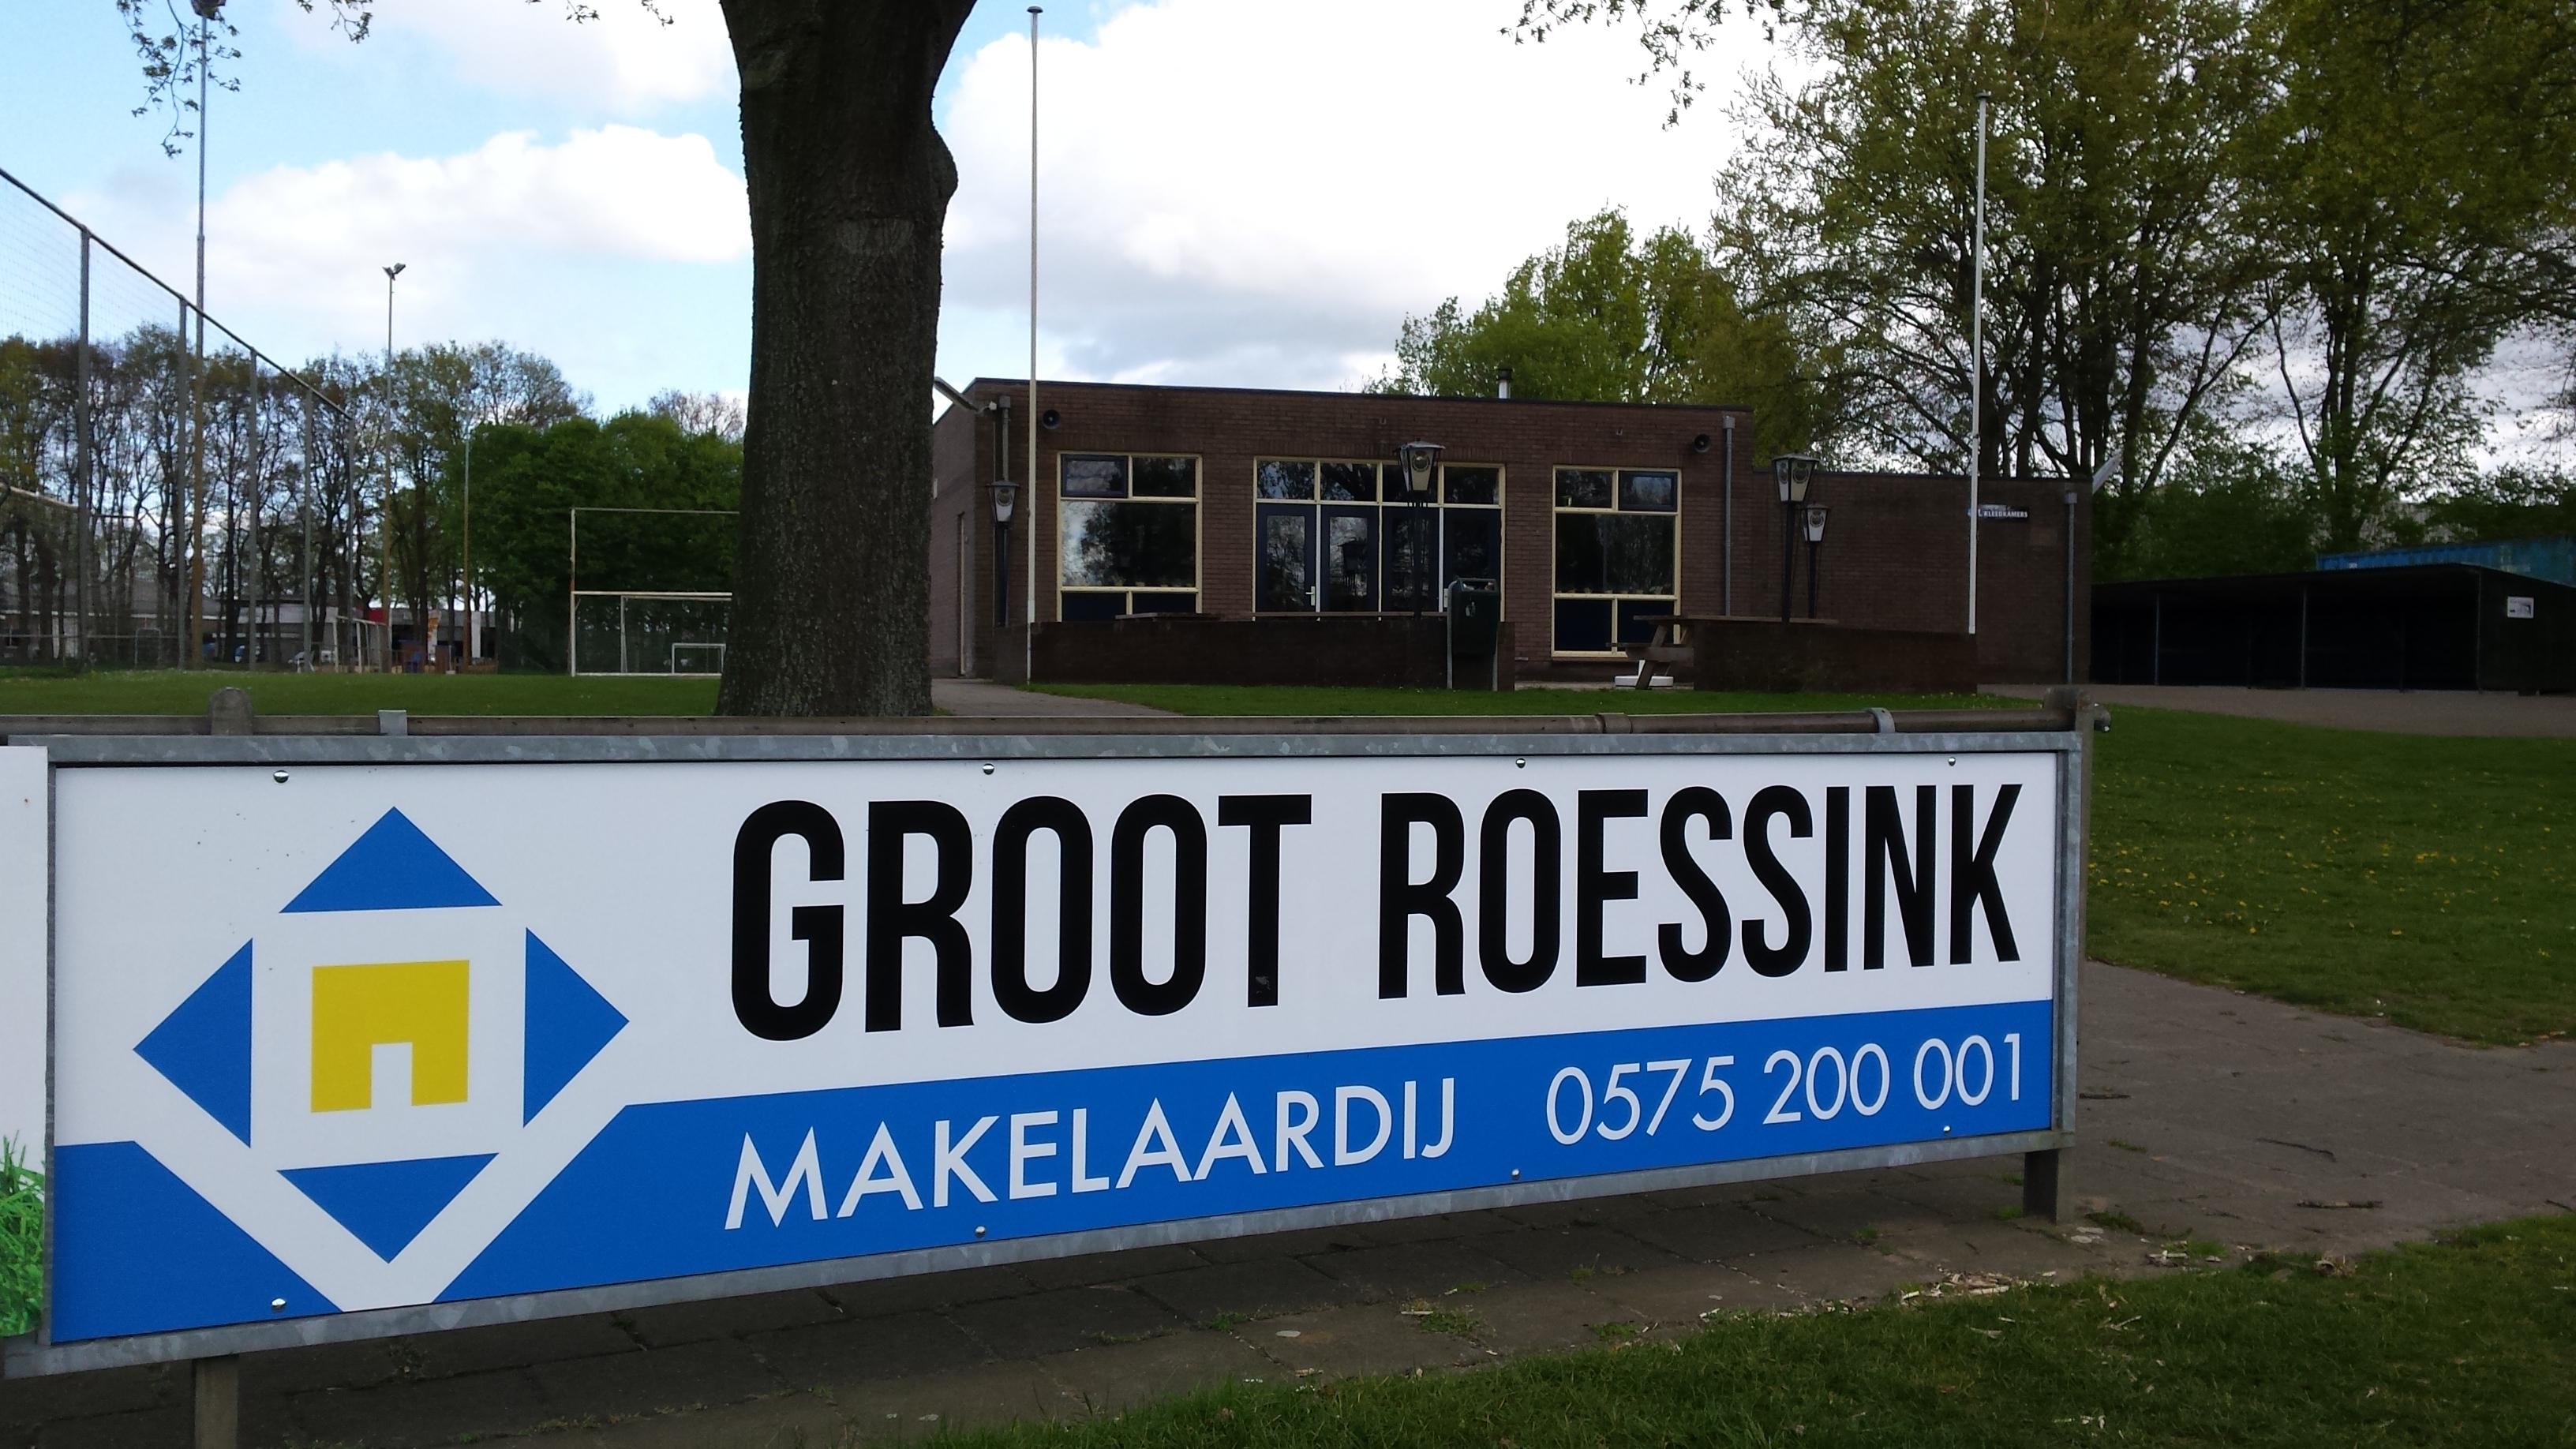 Foto: Groot Roessink Makelaardij nieuwe sponsor van SV Basteom.